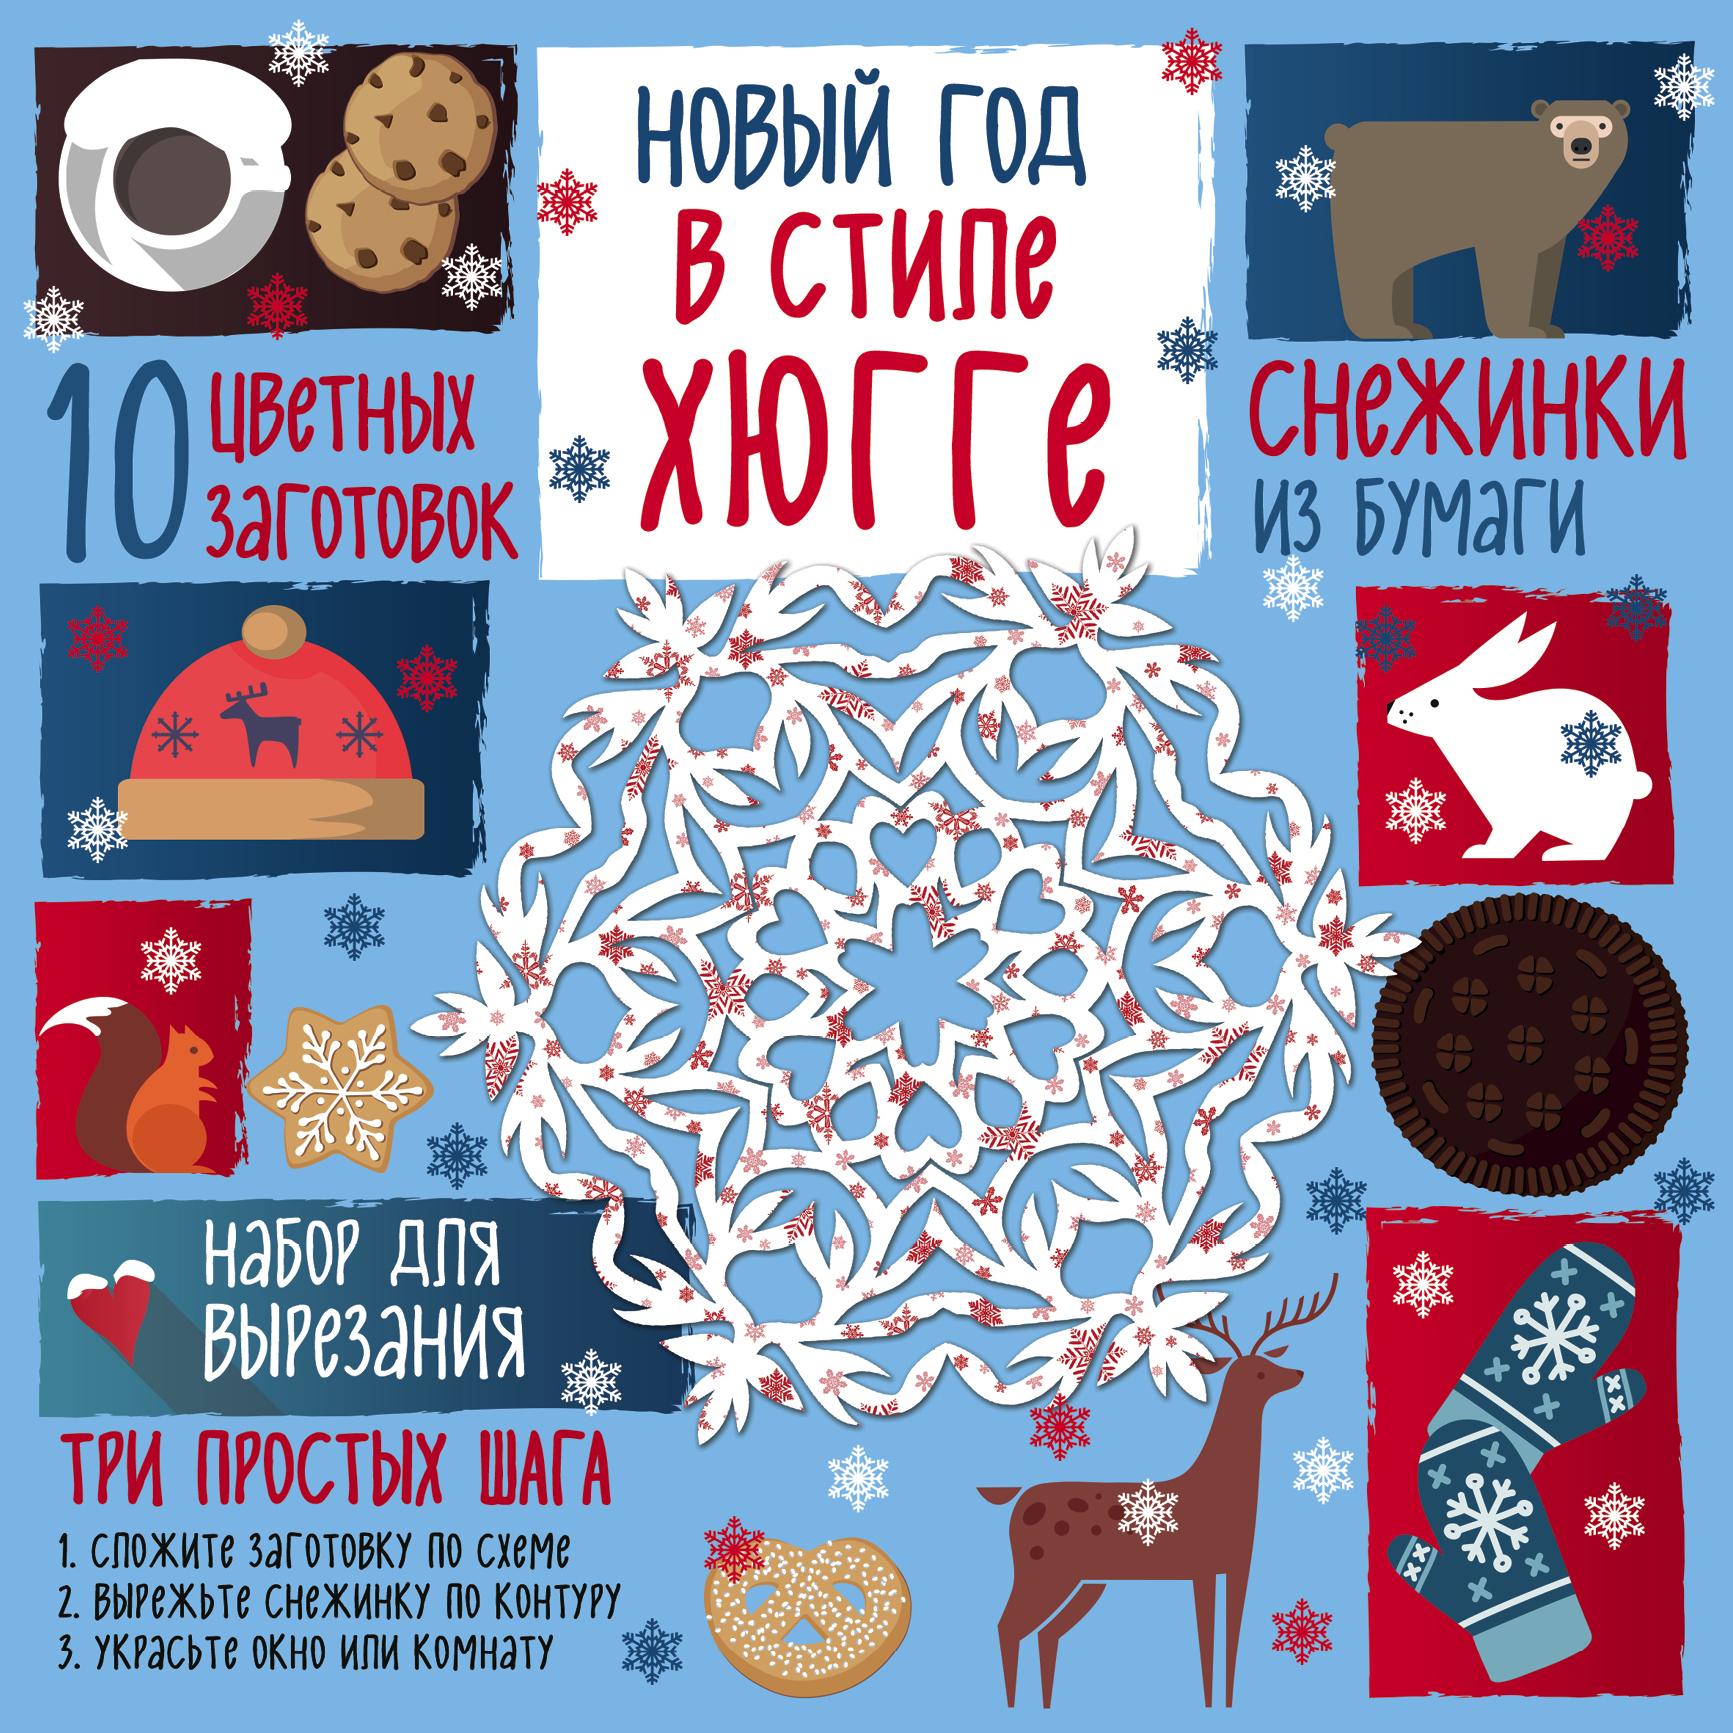 Зайцева А.А. Снежинки из бумаги. Новый год в стиле Хюгге